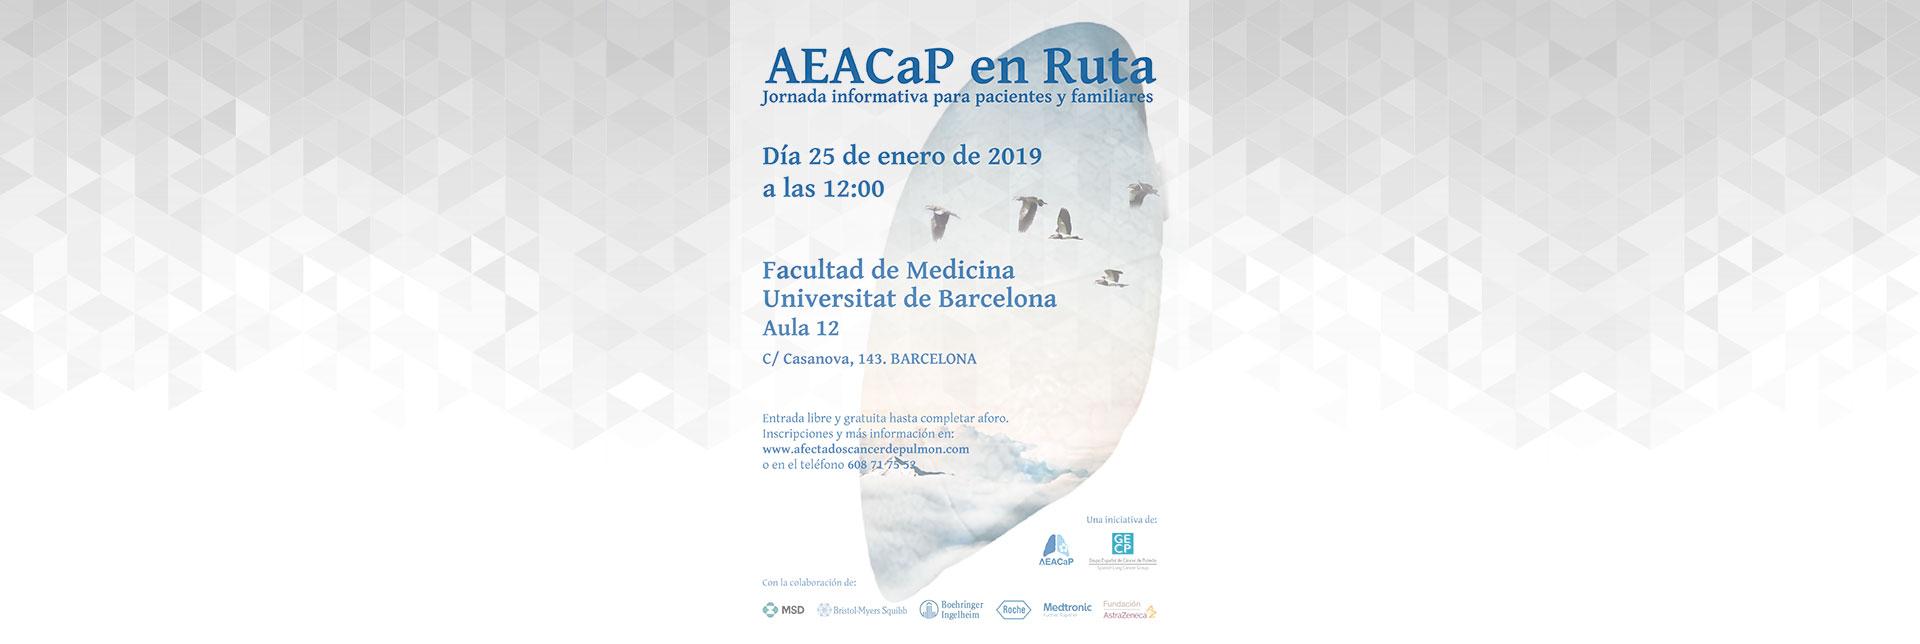 20190125_aecapenruta_barcelona_slide2